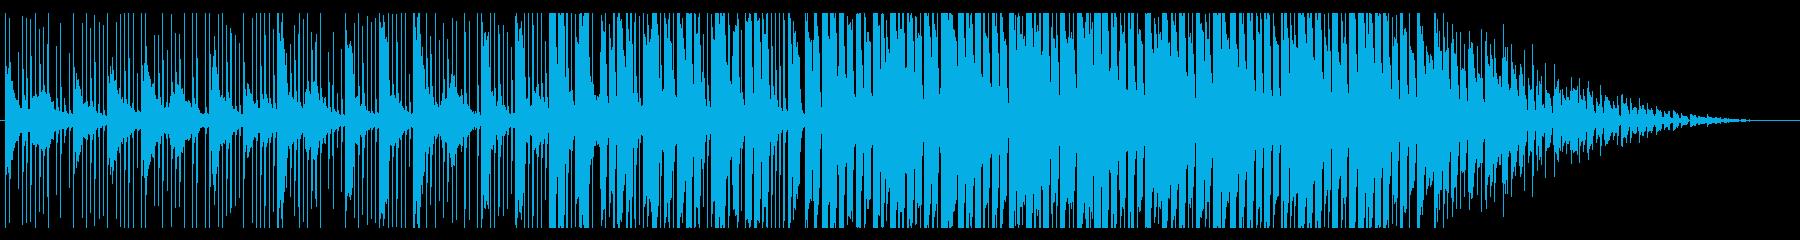 浮遊感/優しさ_No417_3の再生済みの波形